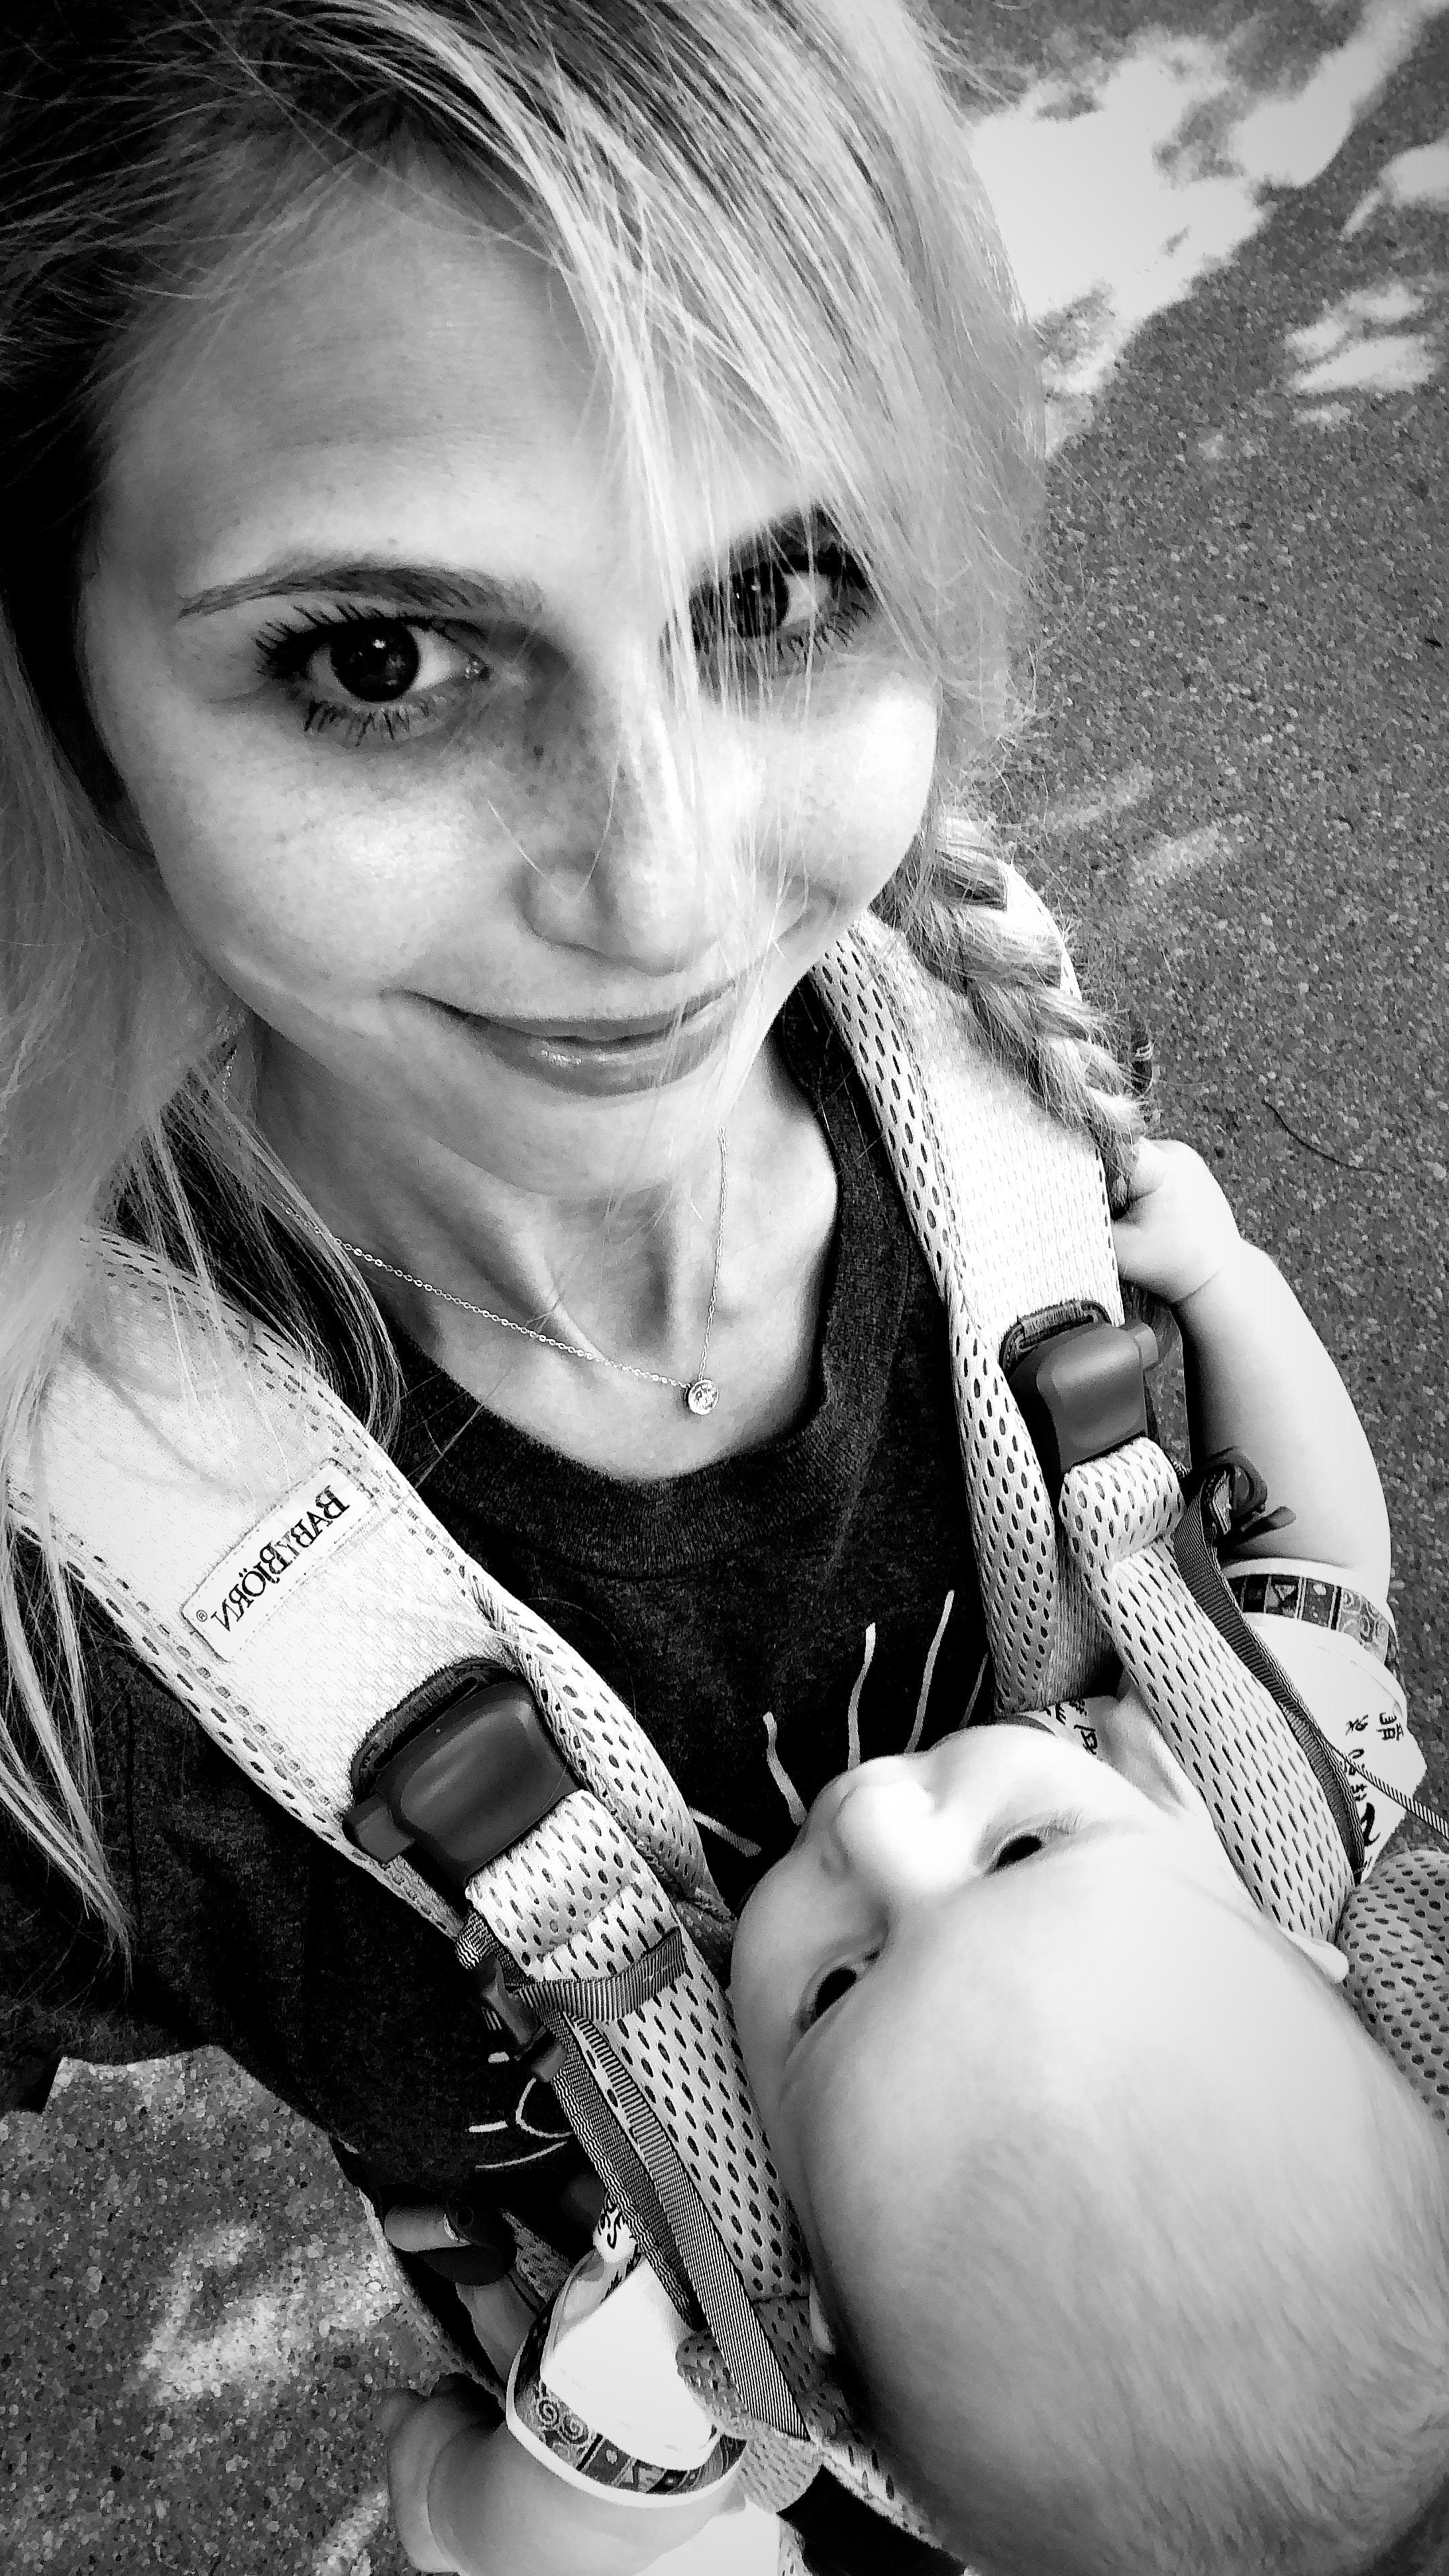 Izabela Zwierzyńska: Życie w biegu, ... ale z rozmysłem - BlogStar.pl